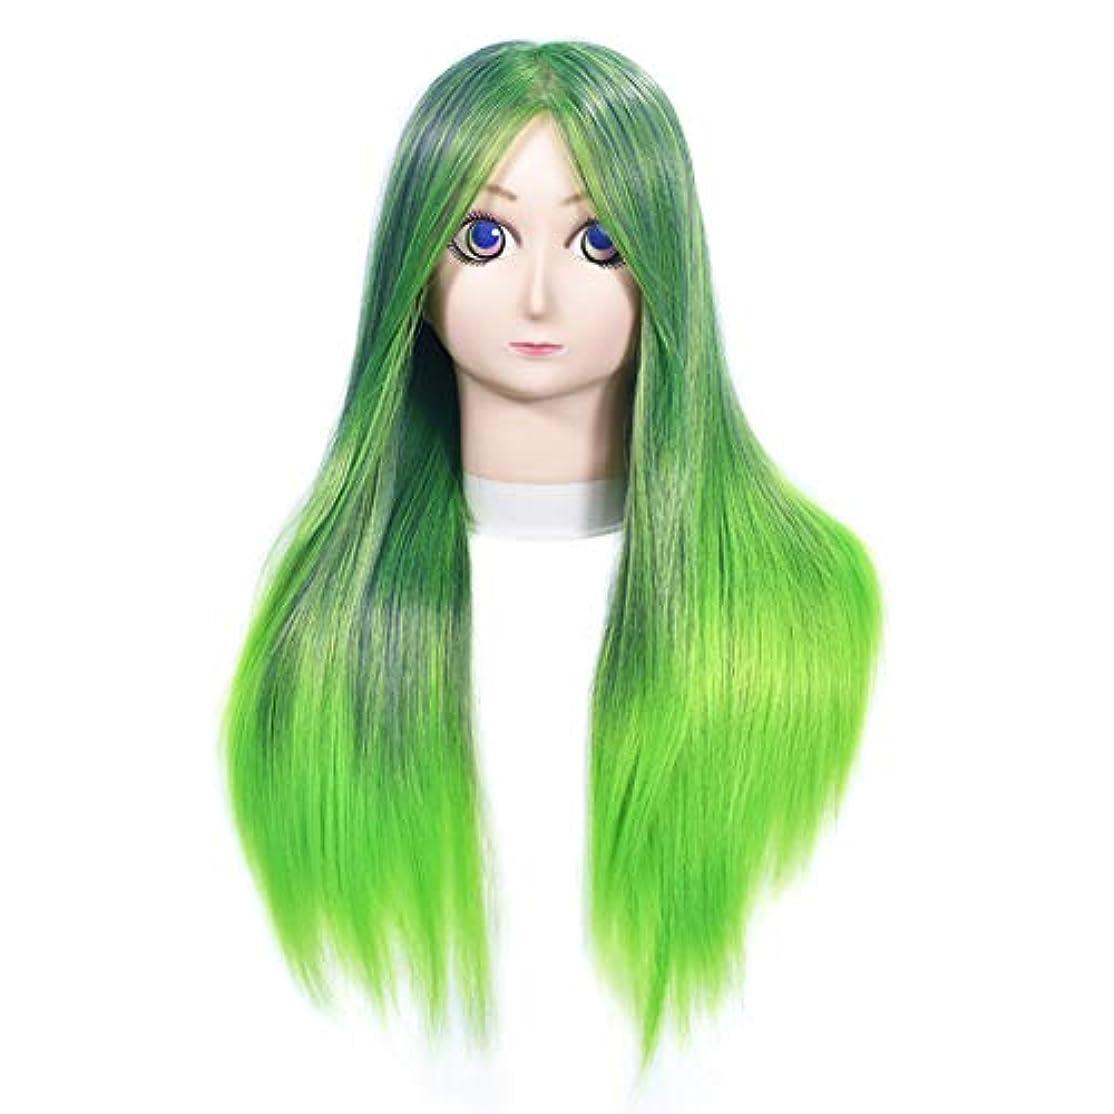 ゲインセイアトミック賢明な高温シルクヘアスタイリングモデルヘッド女性モデルヘッドティーチングヘッド理髪店編組髪染め学習ダミーヘッド,gradientgreen